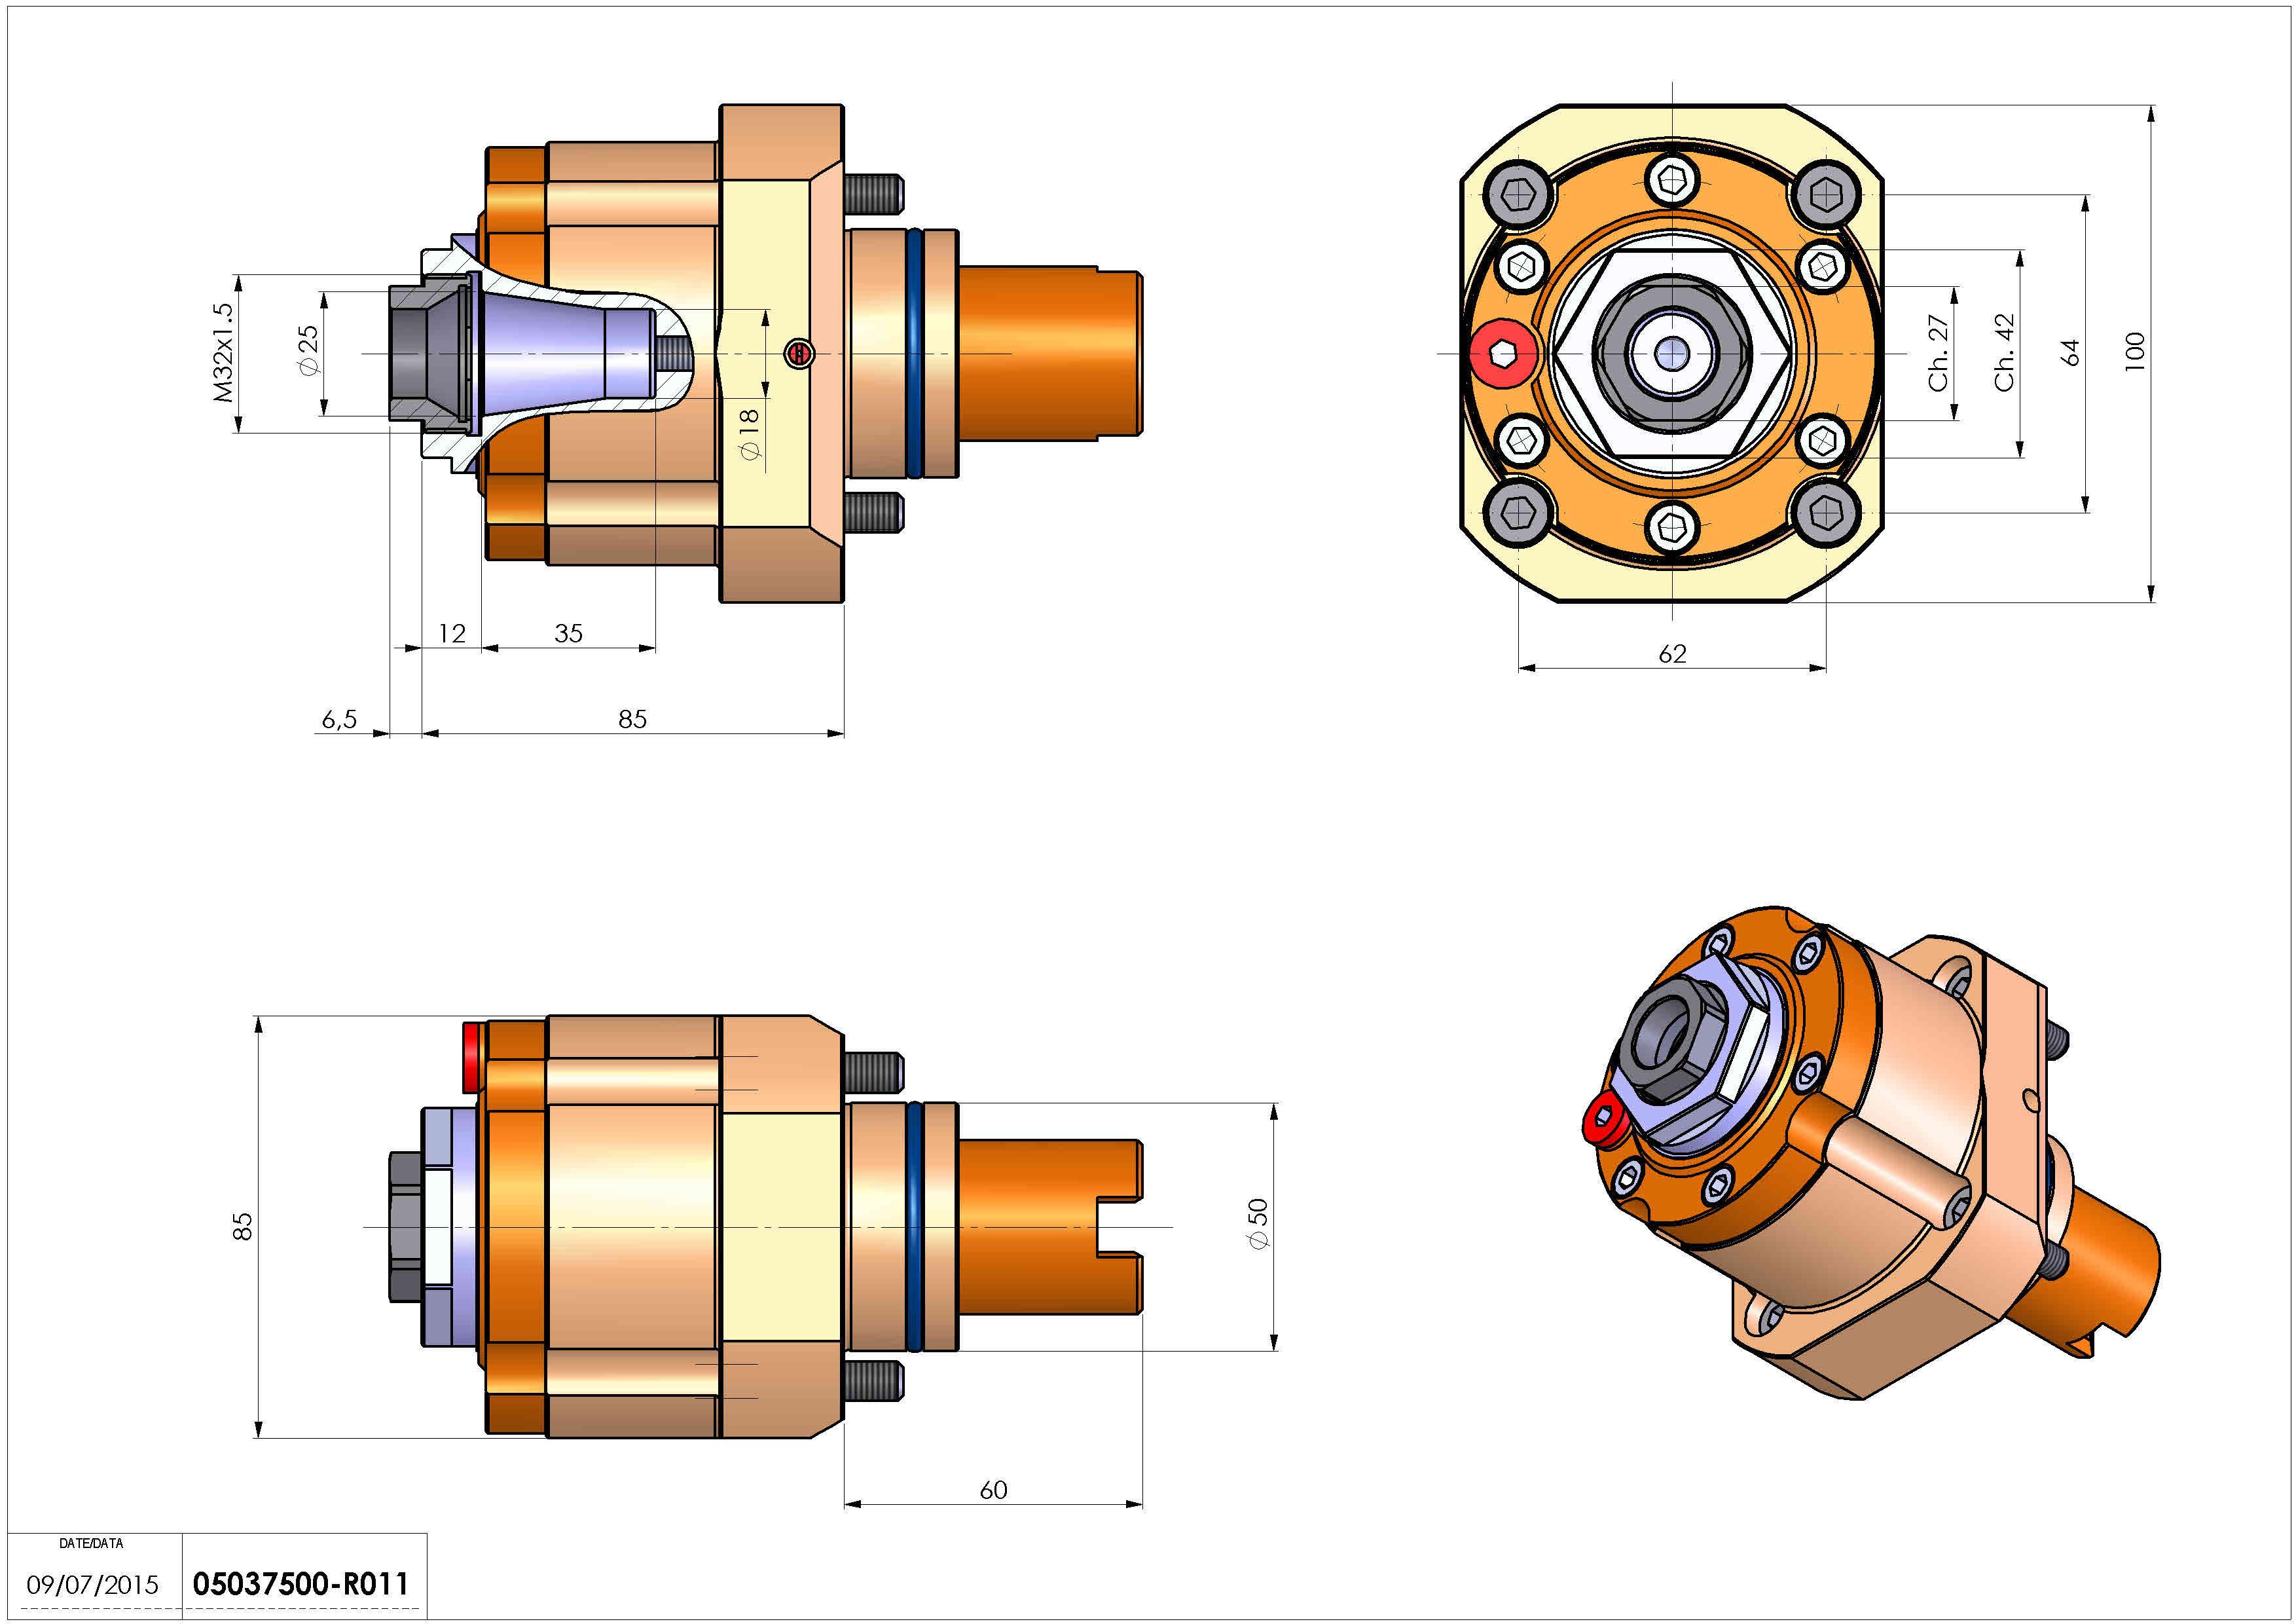 Technical image - LT-S D50 ER25F RF H85.